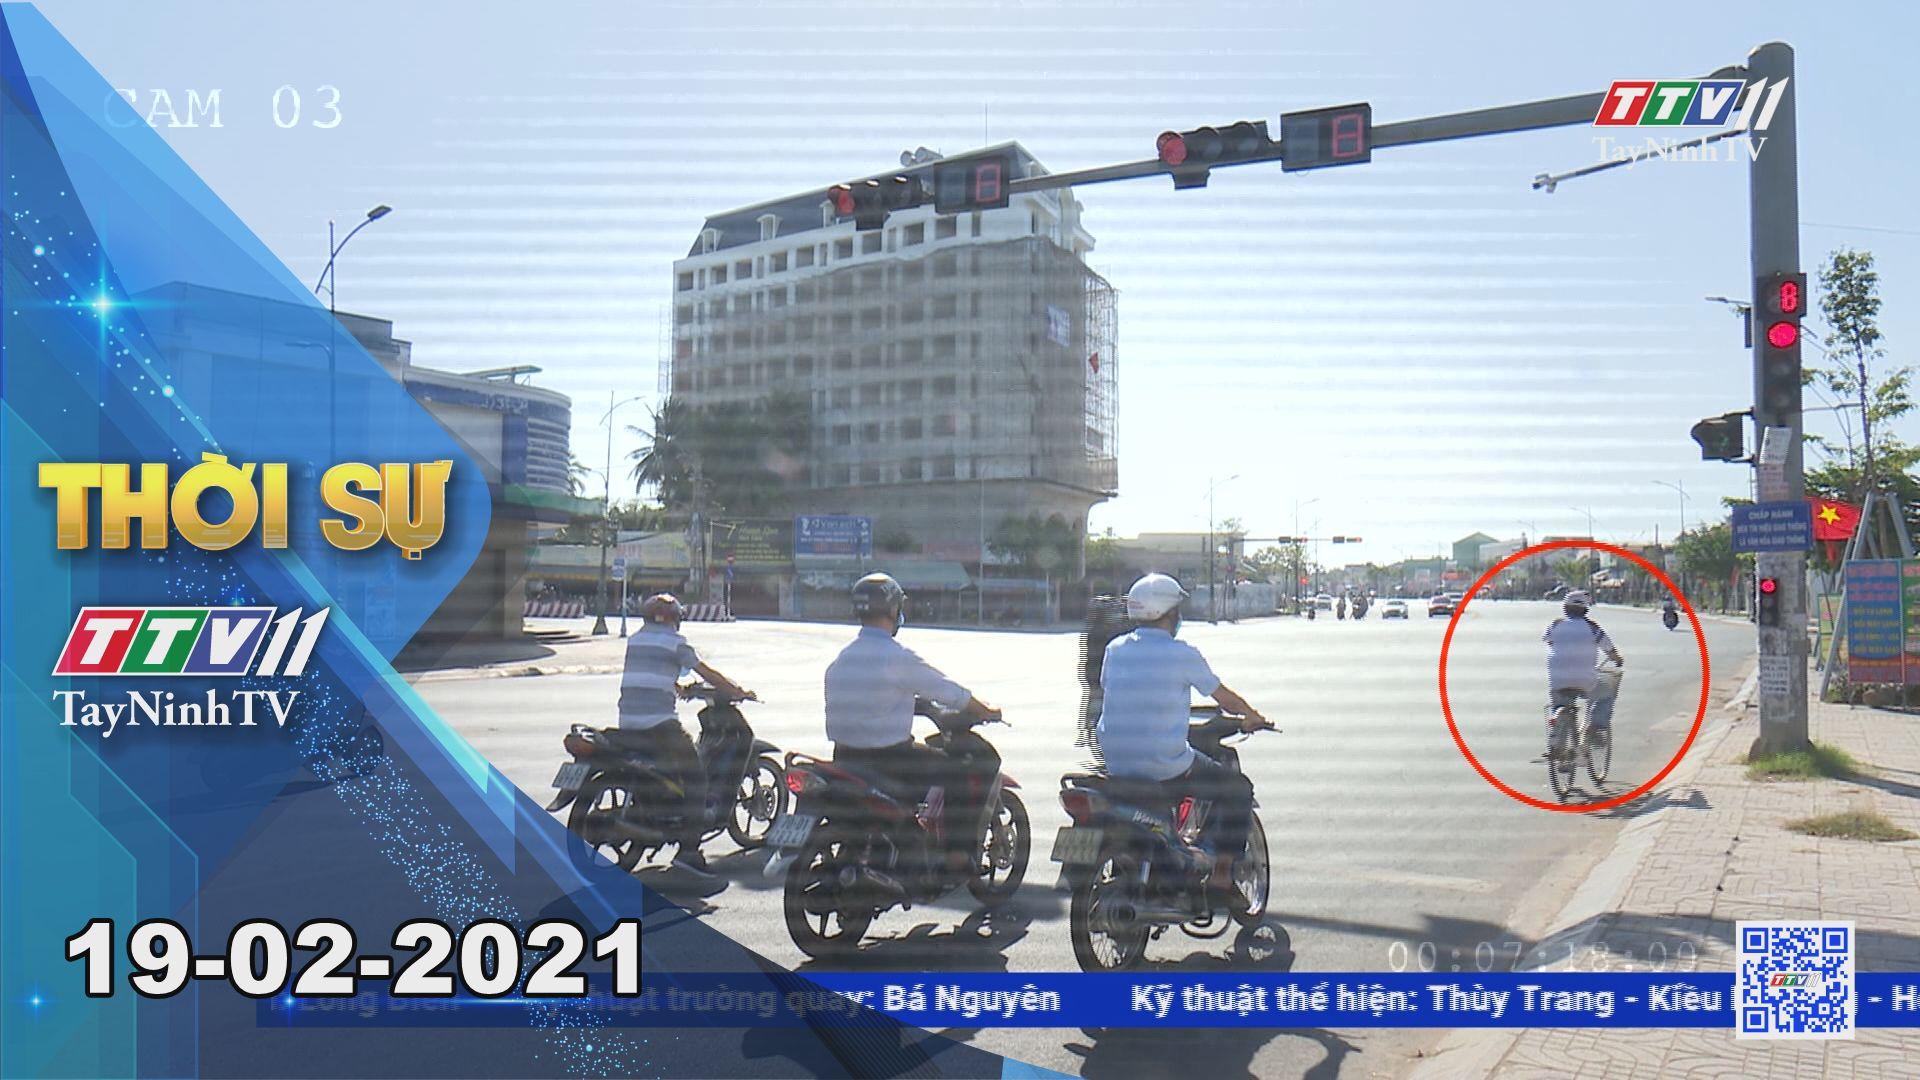 Thời sự Tây Ninh 19-02-2021 | Tin tức hôm nay | TayNinhTV